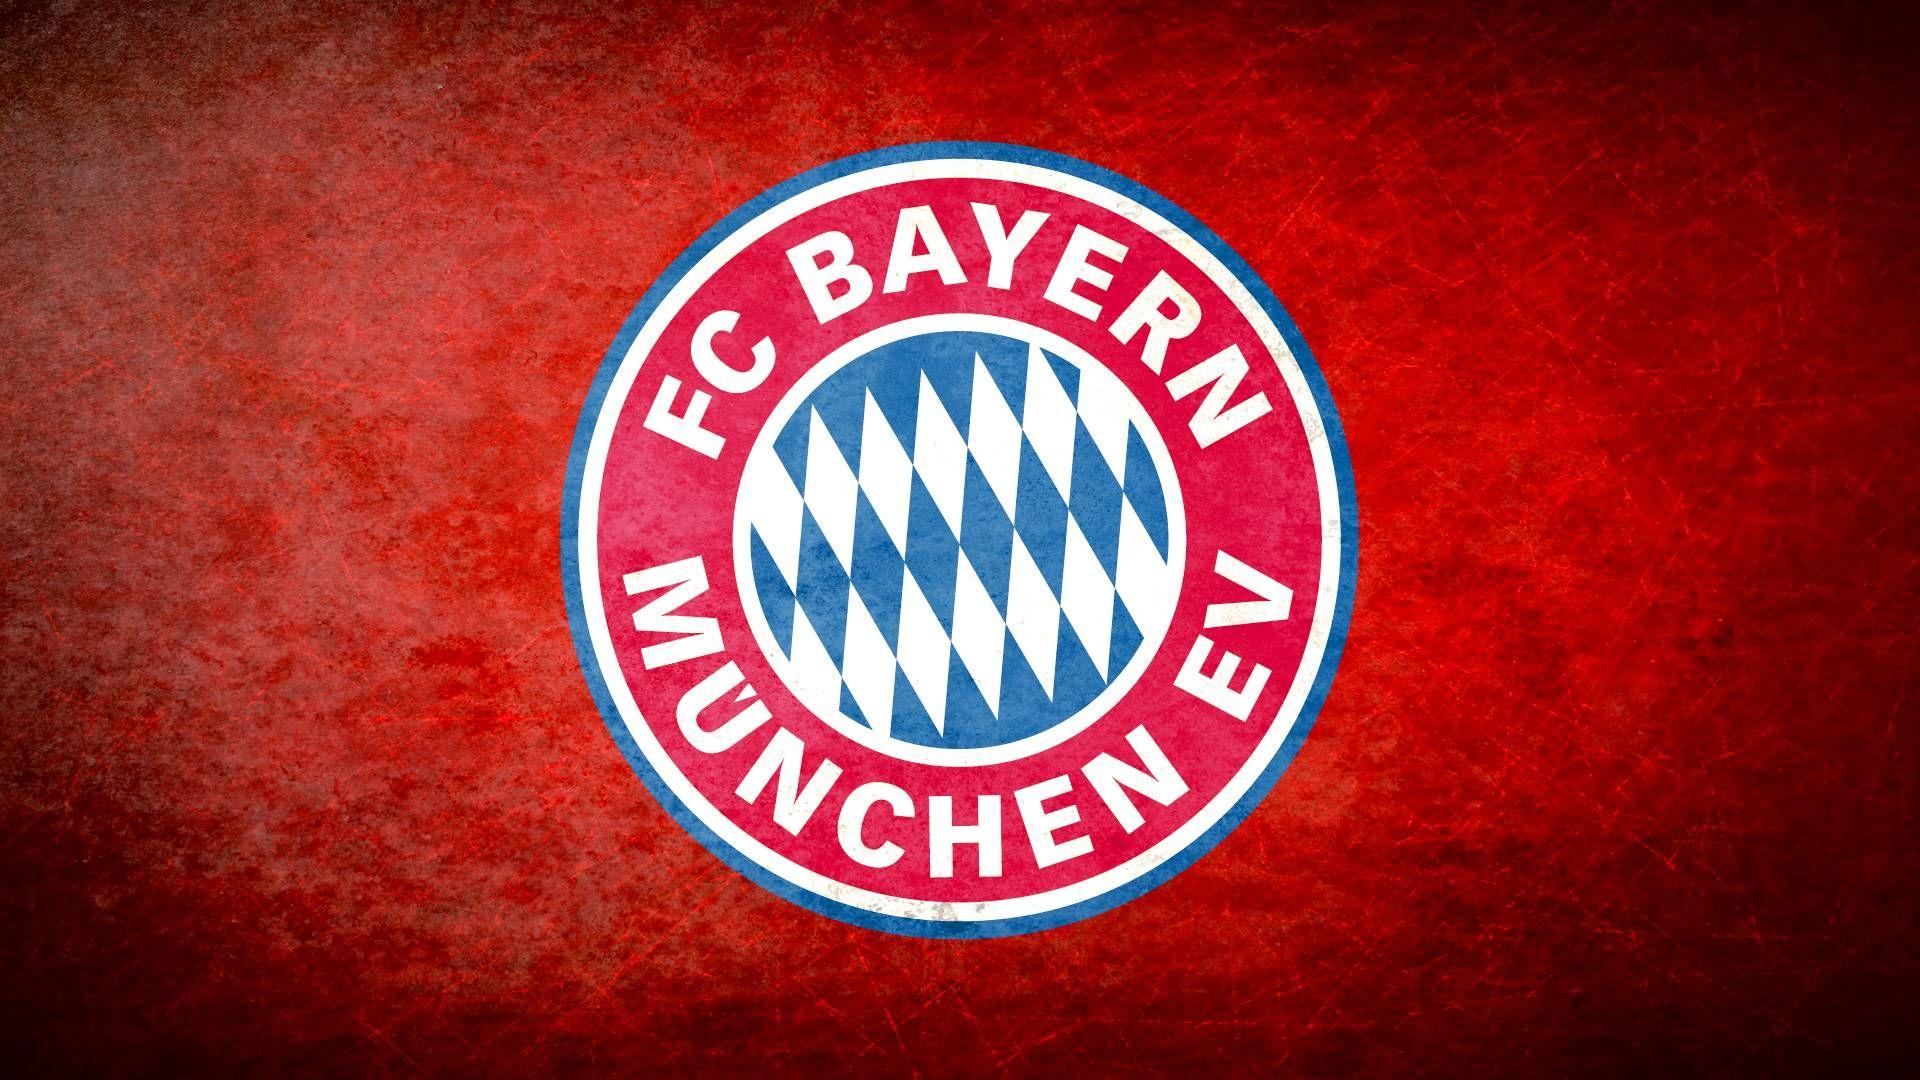 Bayern Munchen Wallpaper 1920x1080 In 2020 Bayern Bayern Munich Wallpapers Bayern Munich